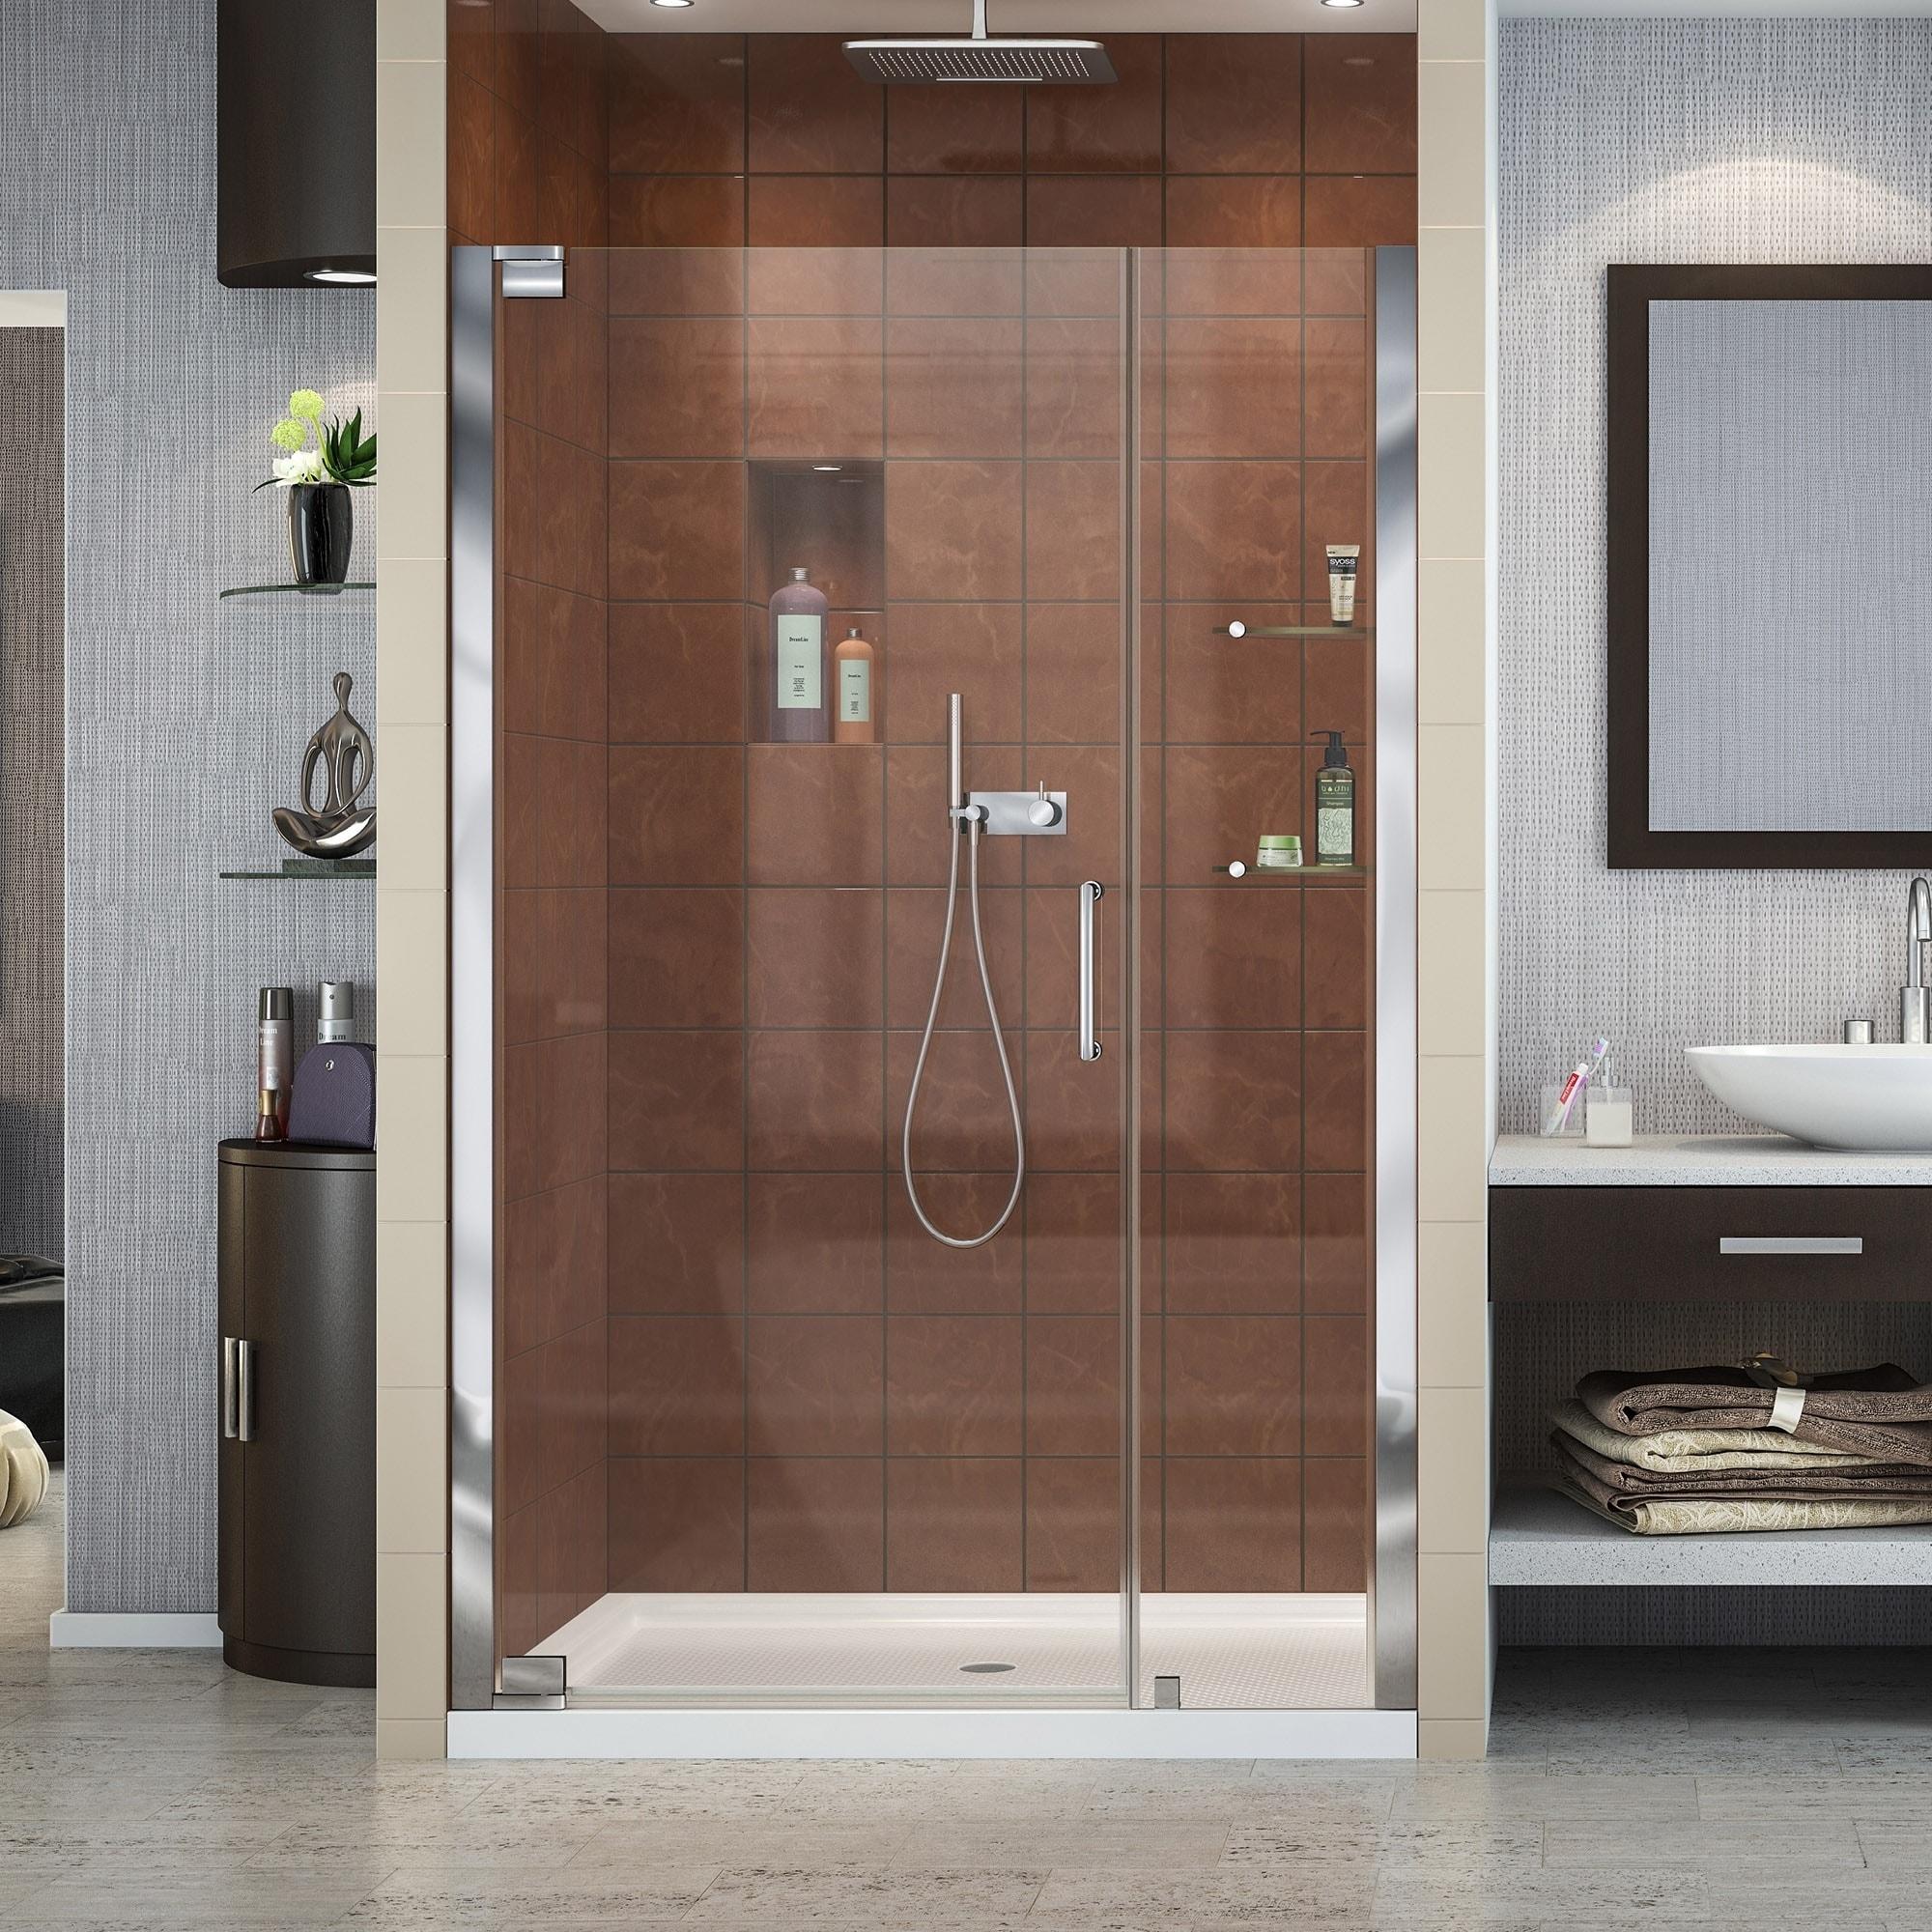 40 inch pivot shower door Plumbing Fixtures